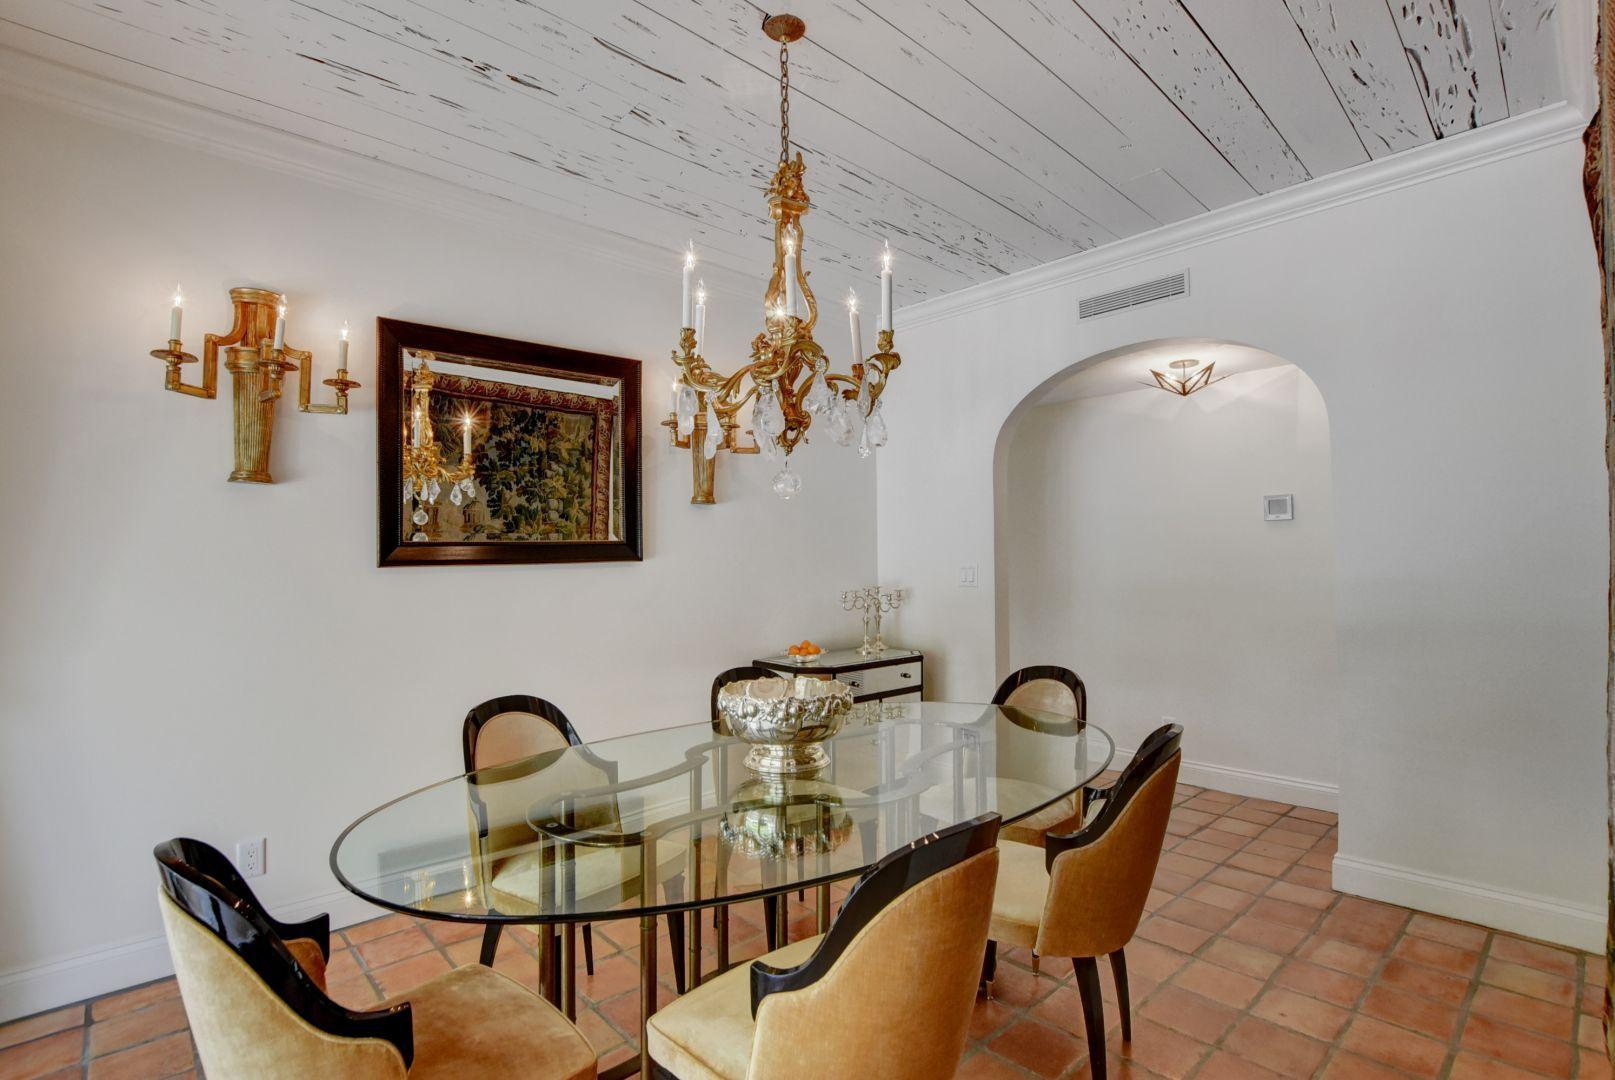 38_Dining Room 1